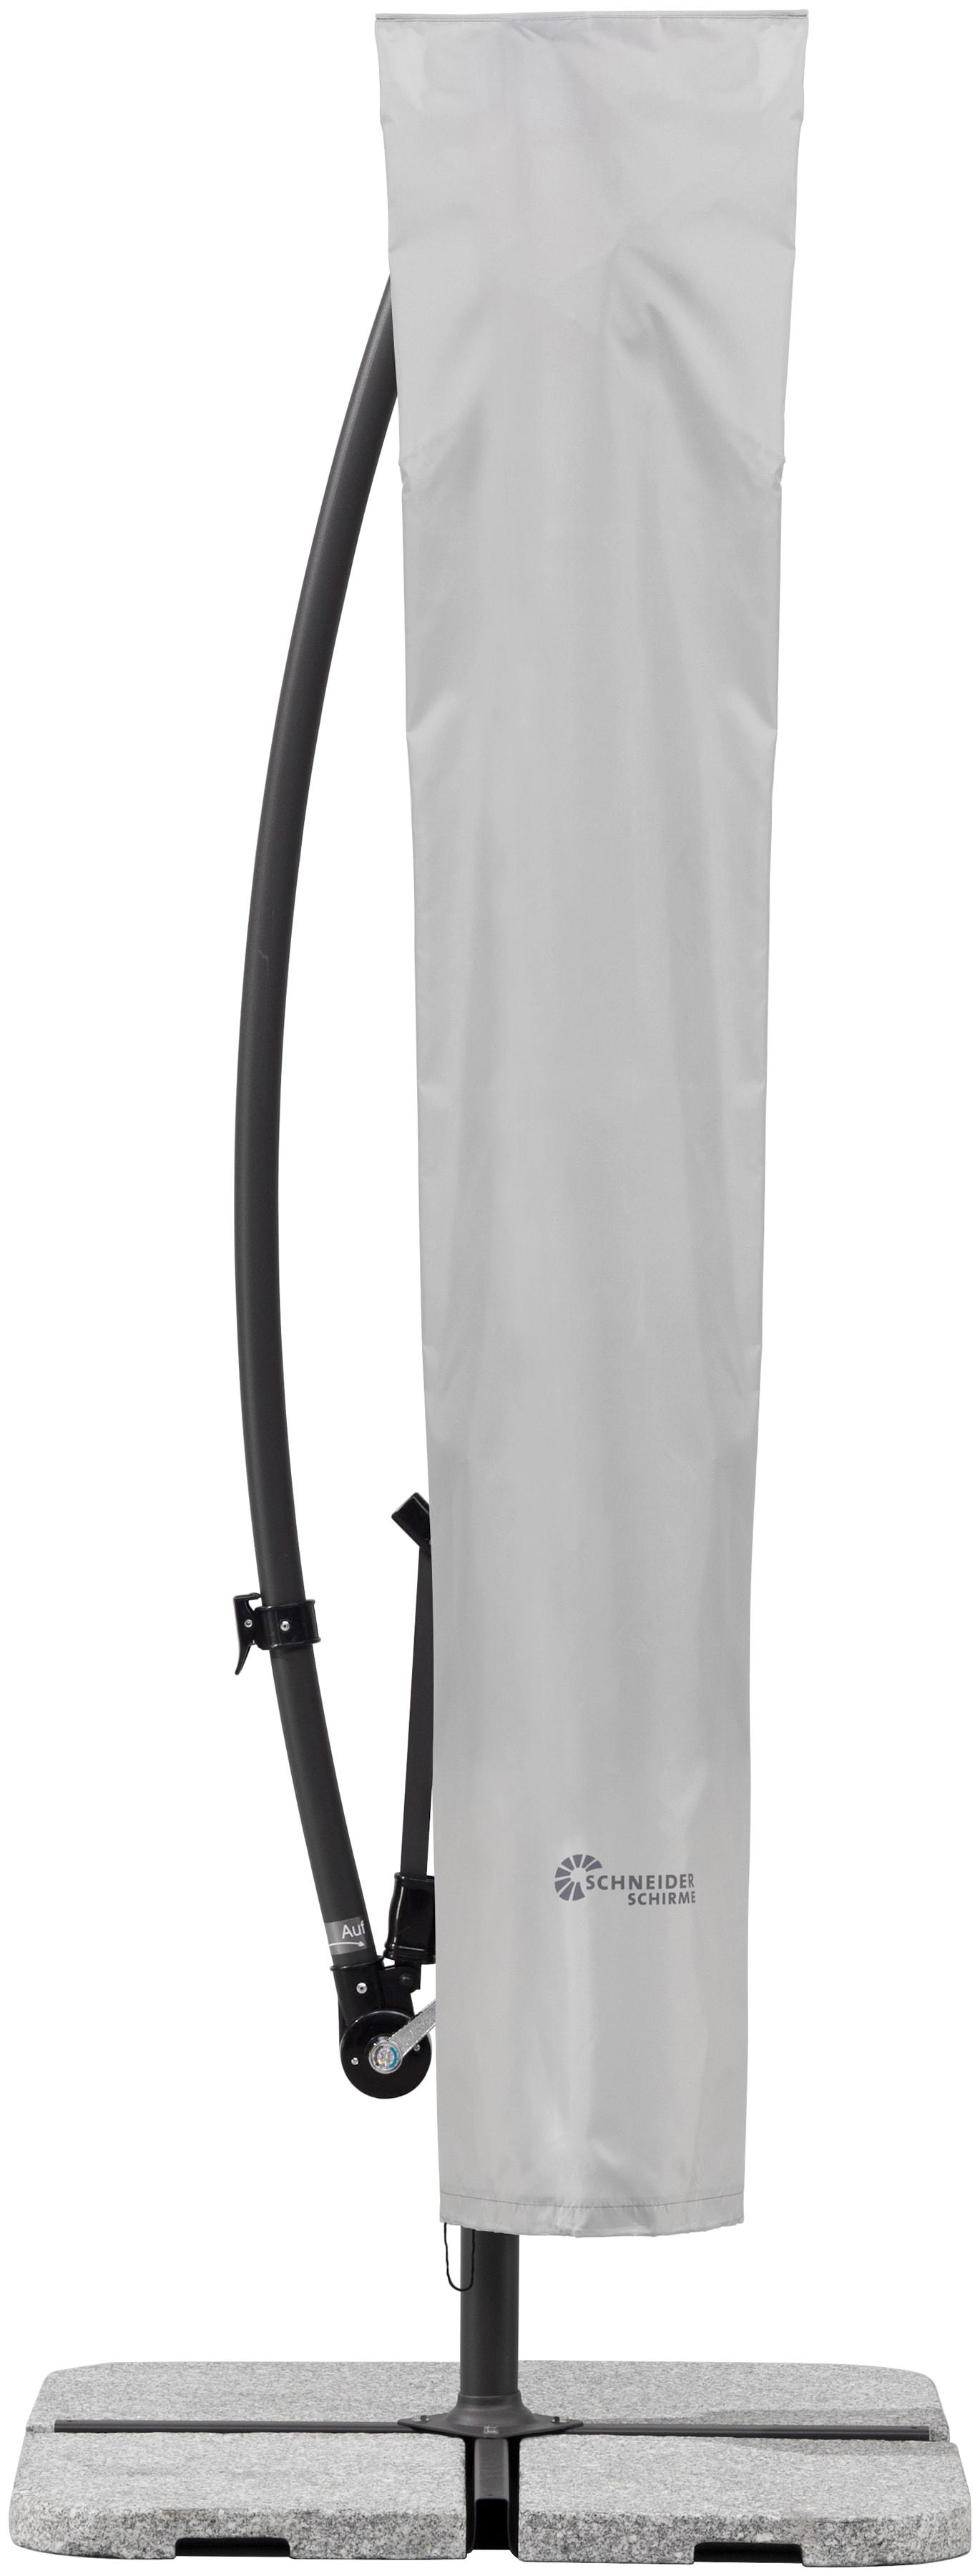 Schneider Schirme Schutzplane 813-00, für Ampelschirme bis Ø 300 cm grau Sonnenschirme -segel Gartenmöbel Gartendeko